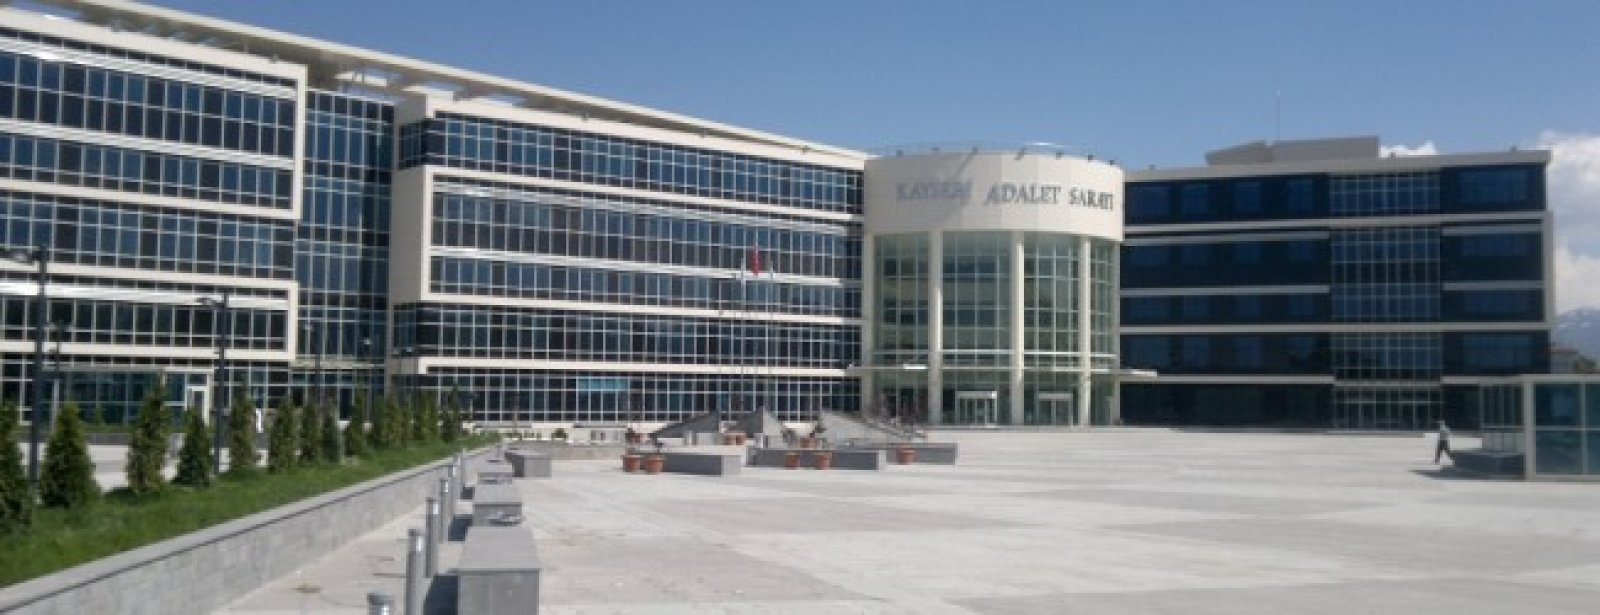 Kayseri Adalet Sarayı